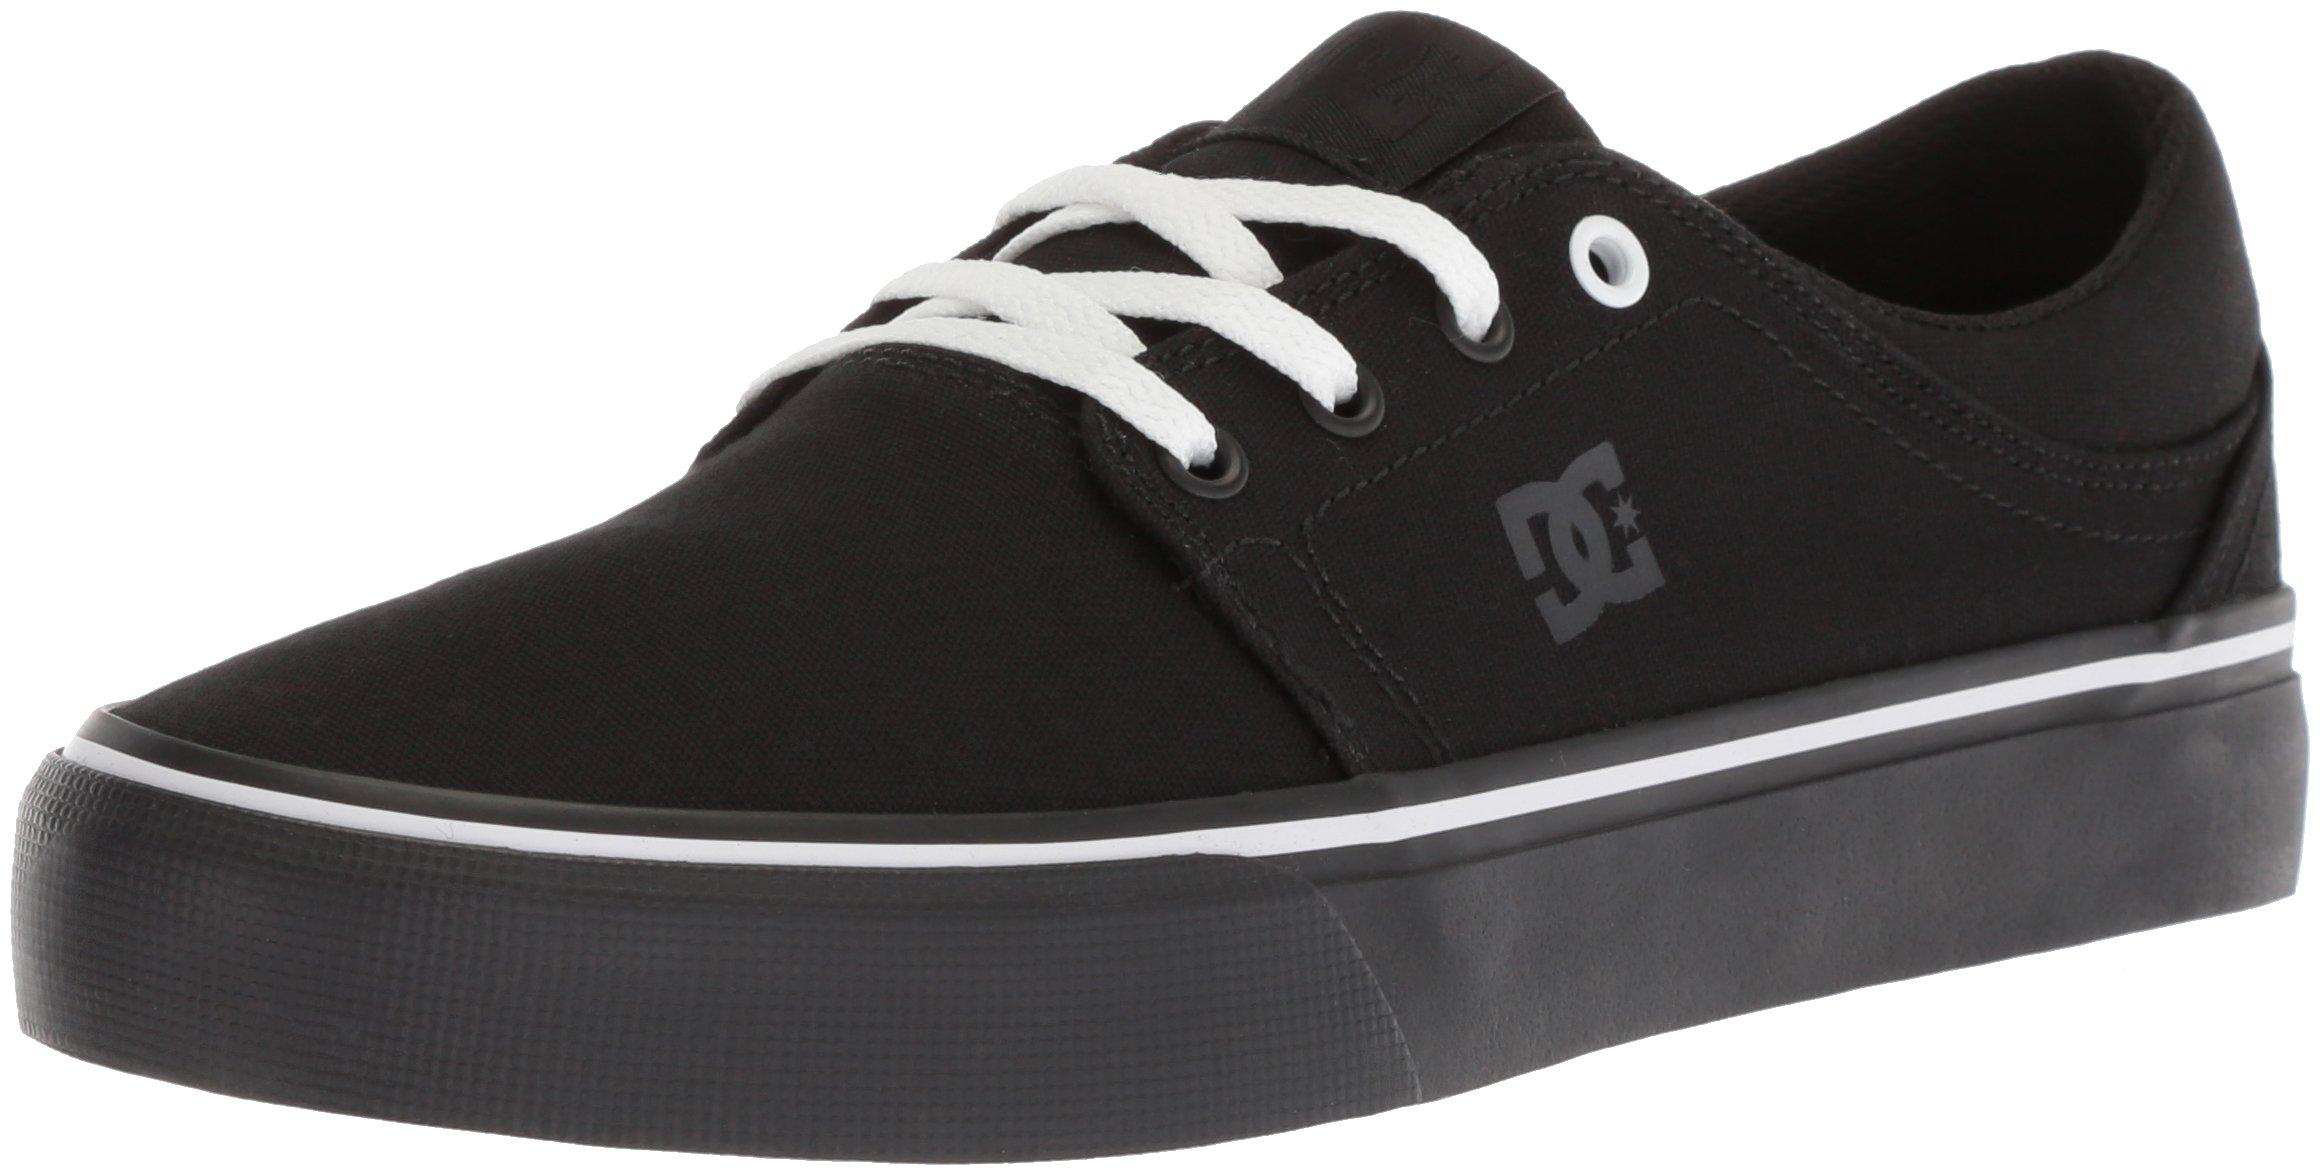 DC Women's Trase TX Skate Shoe, Black/Black/White, 7.5 B US